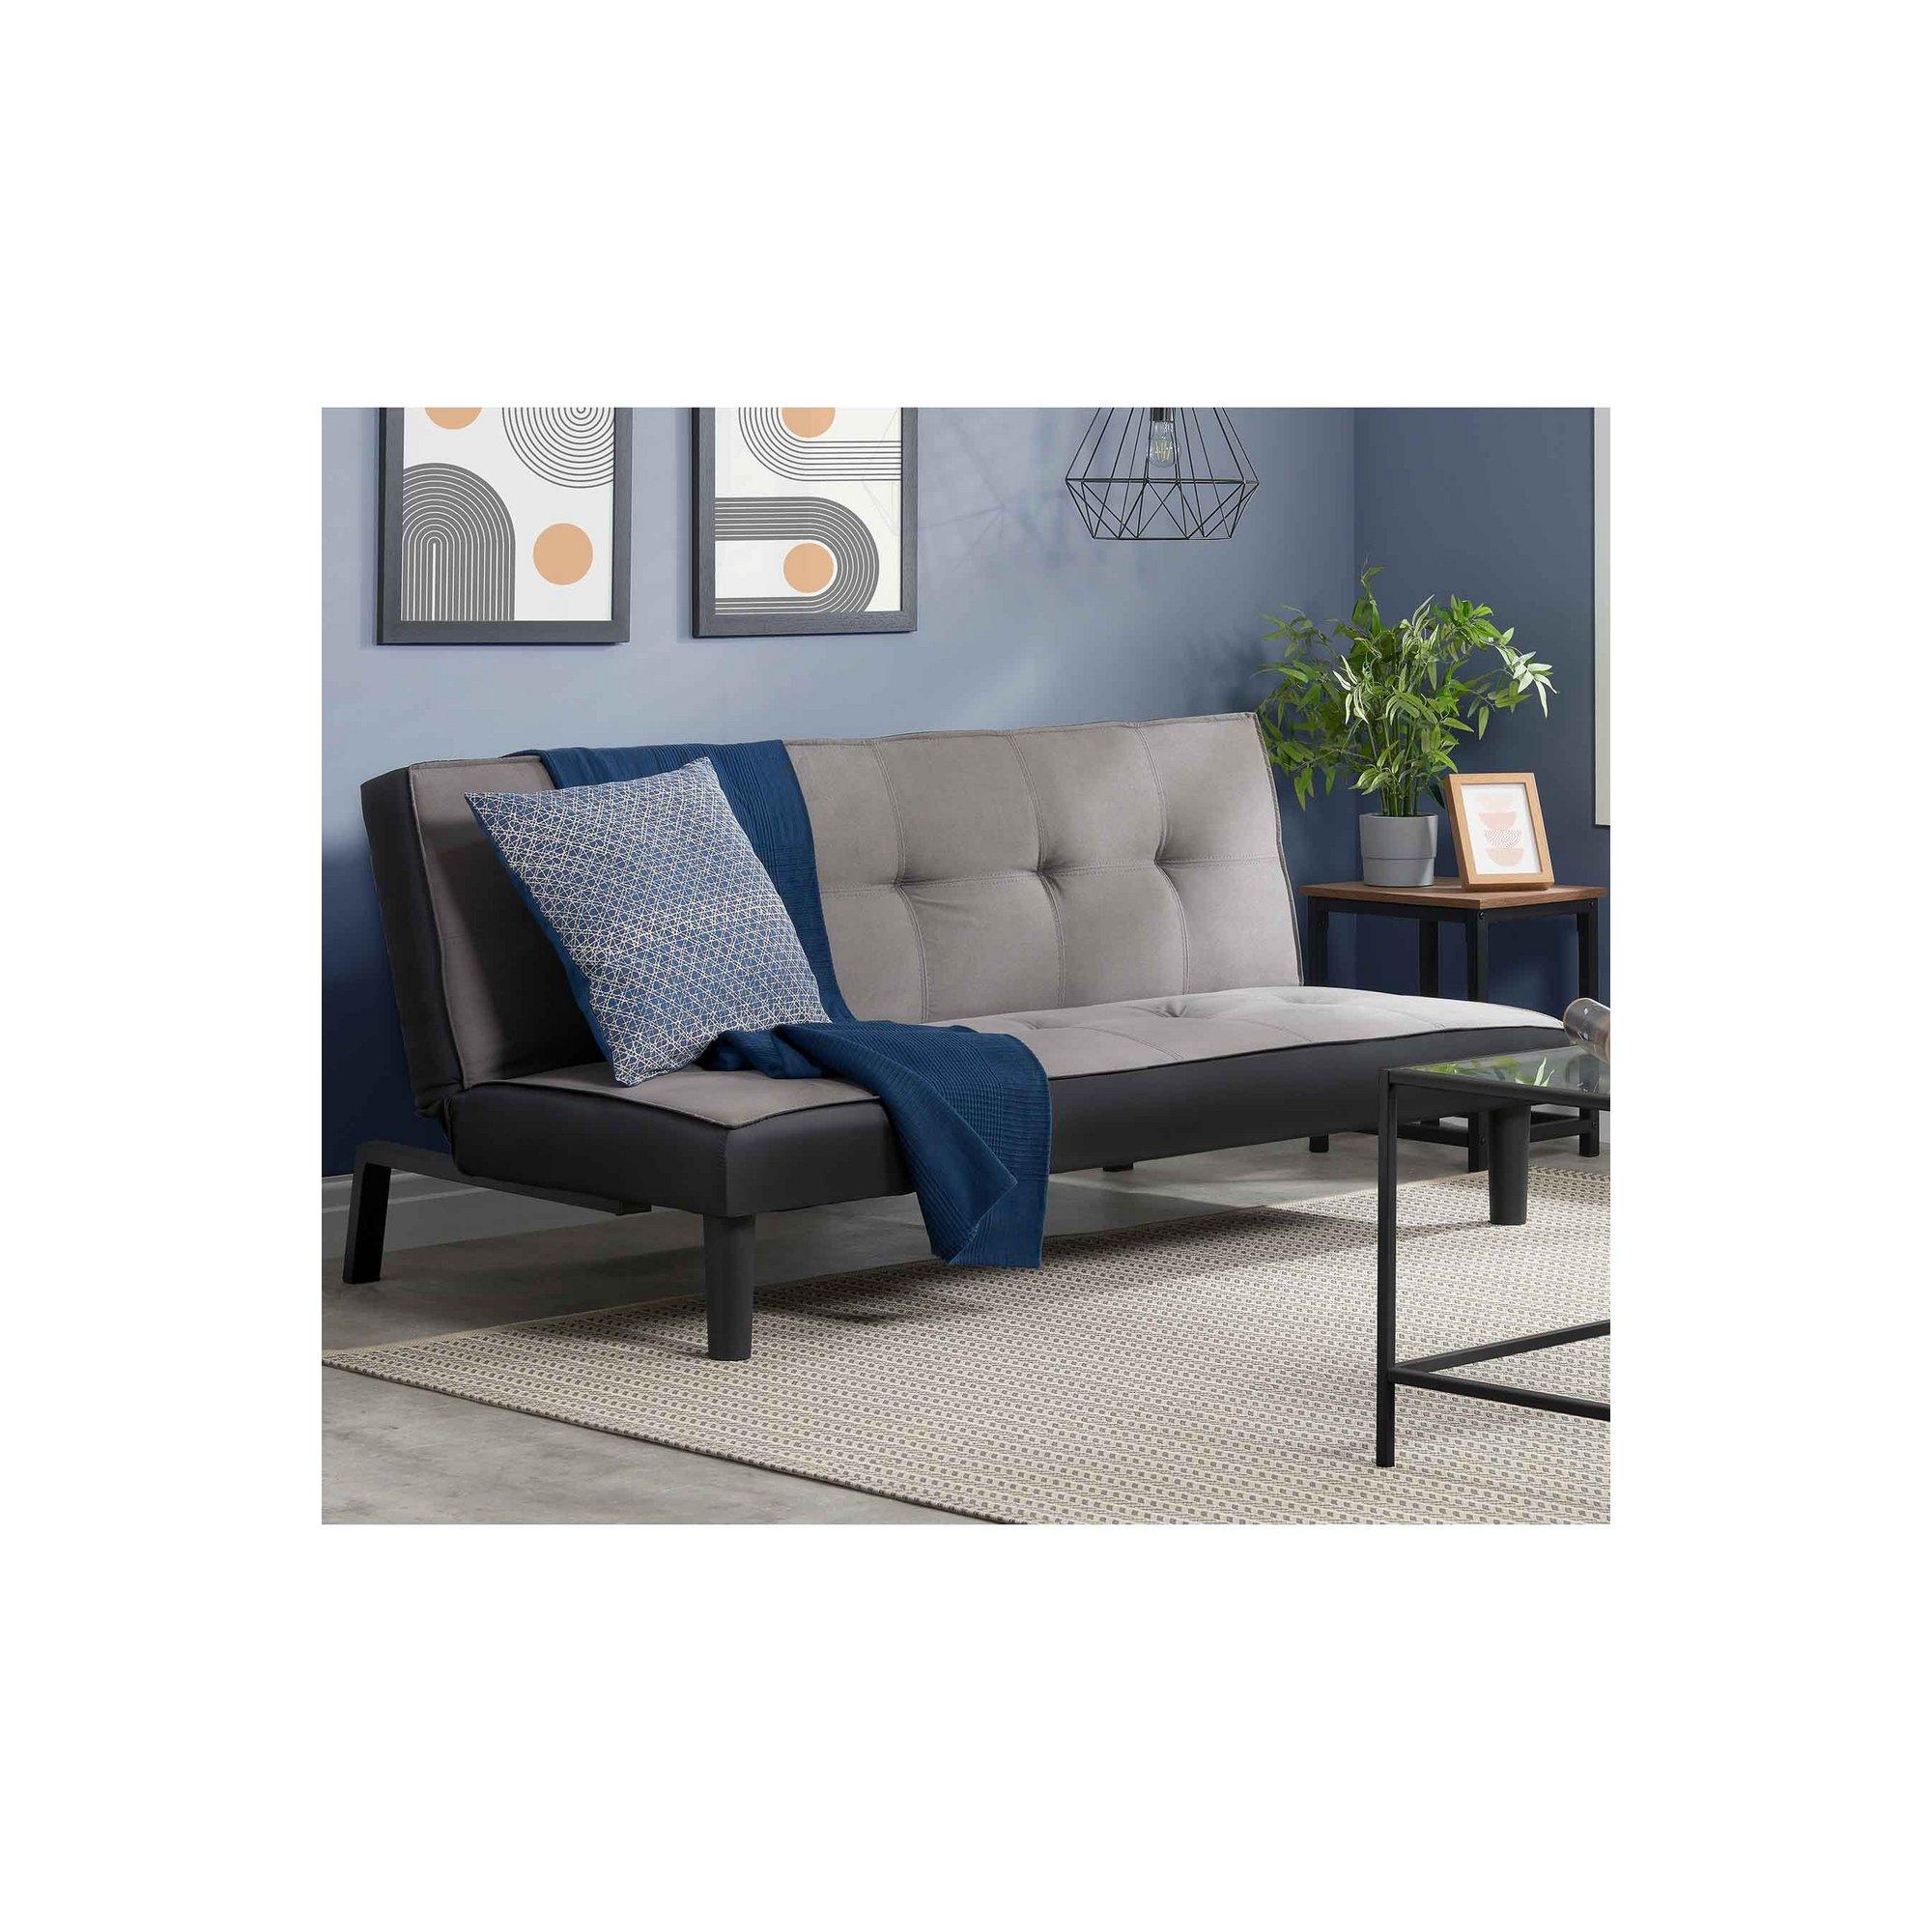 Image of Aurora Sofa Bed